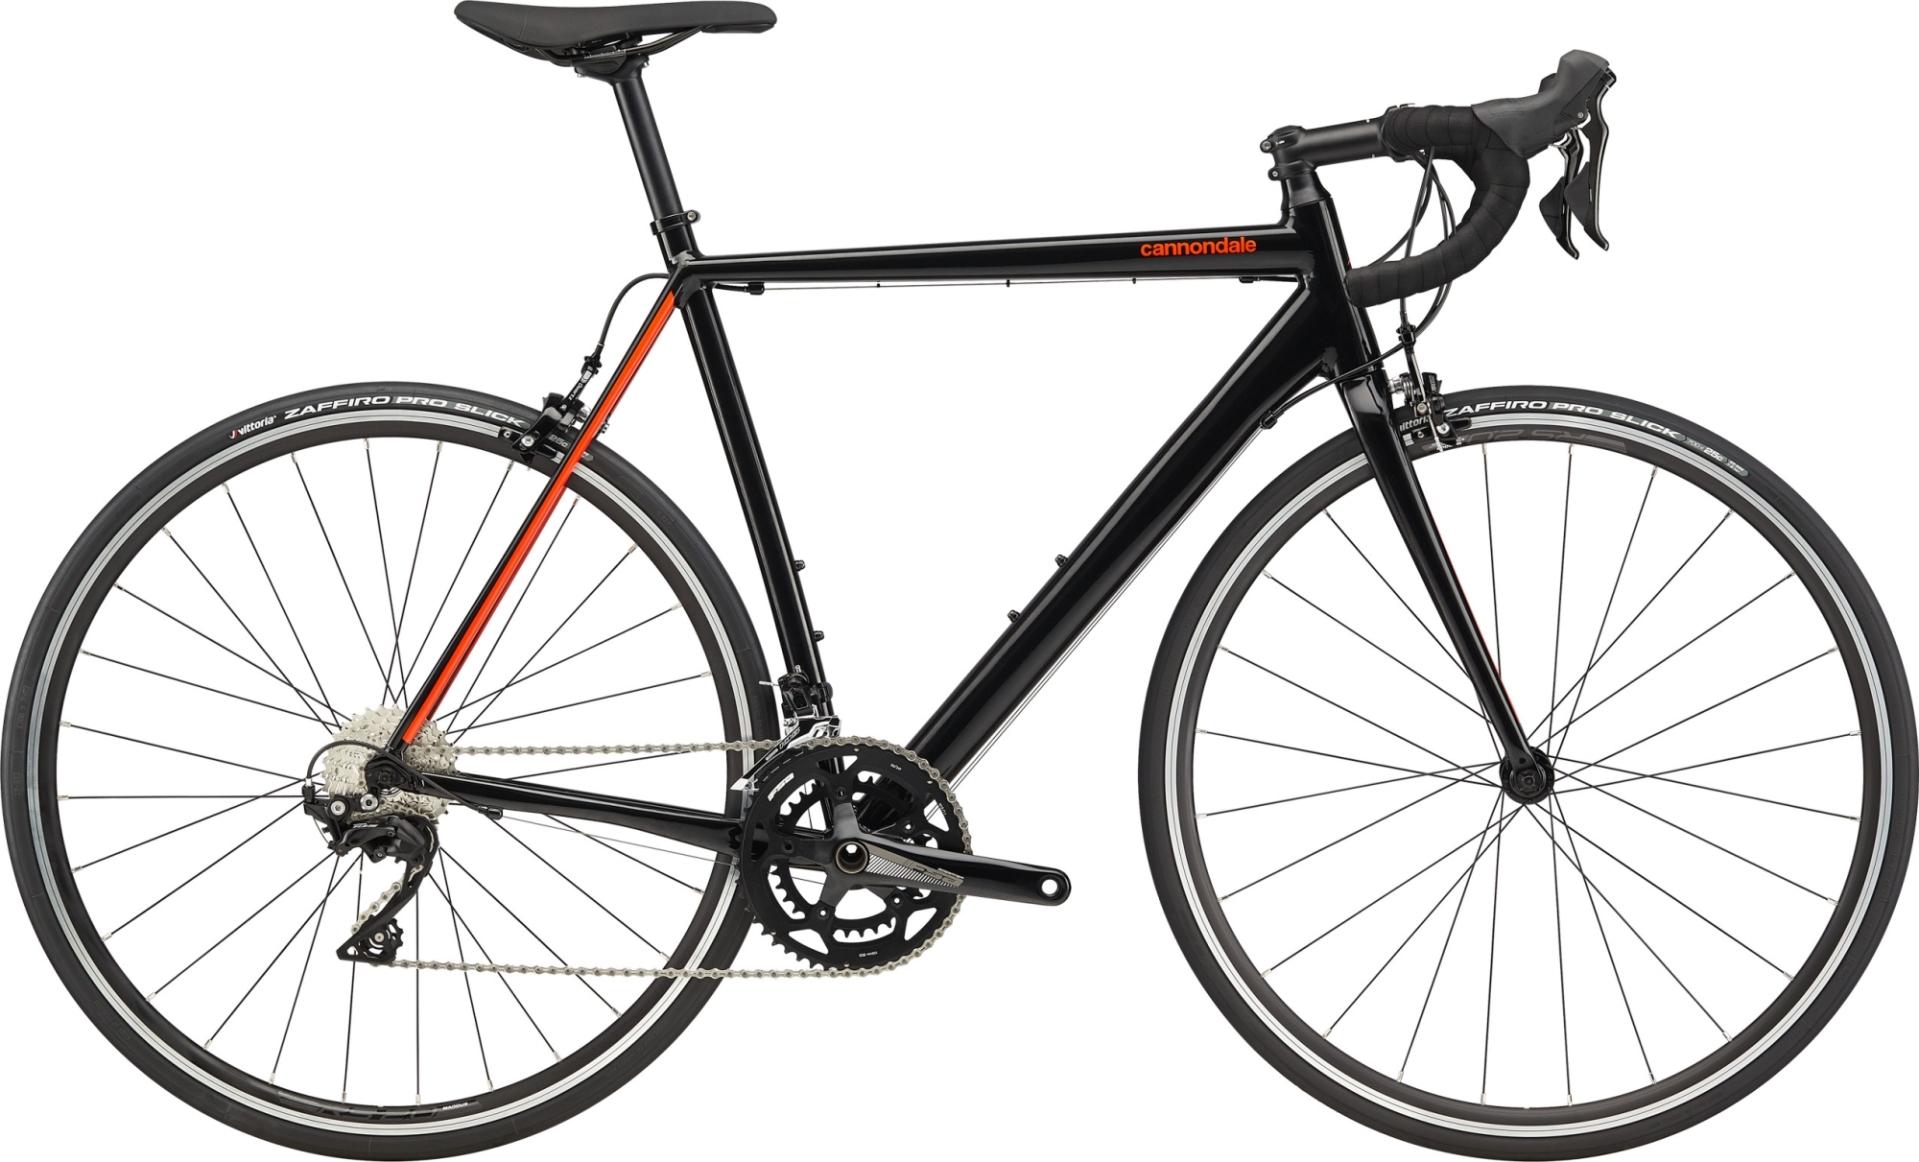 Cannondale CAAD Optimo 105 országúti kerékpár - fekete - 51 cm (2020)